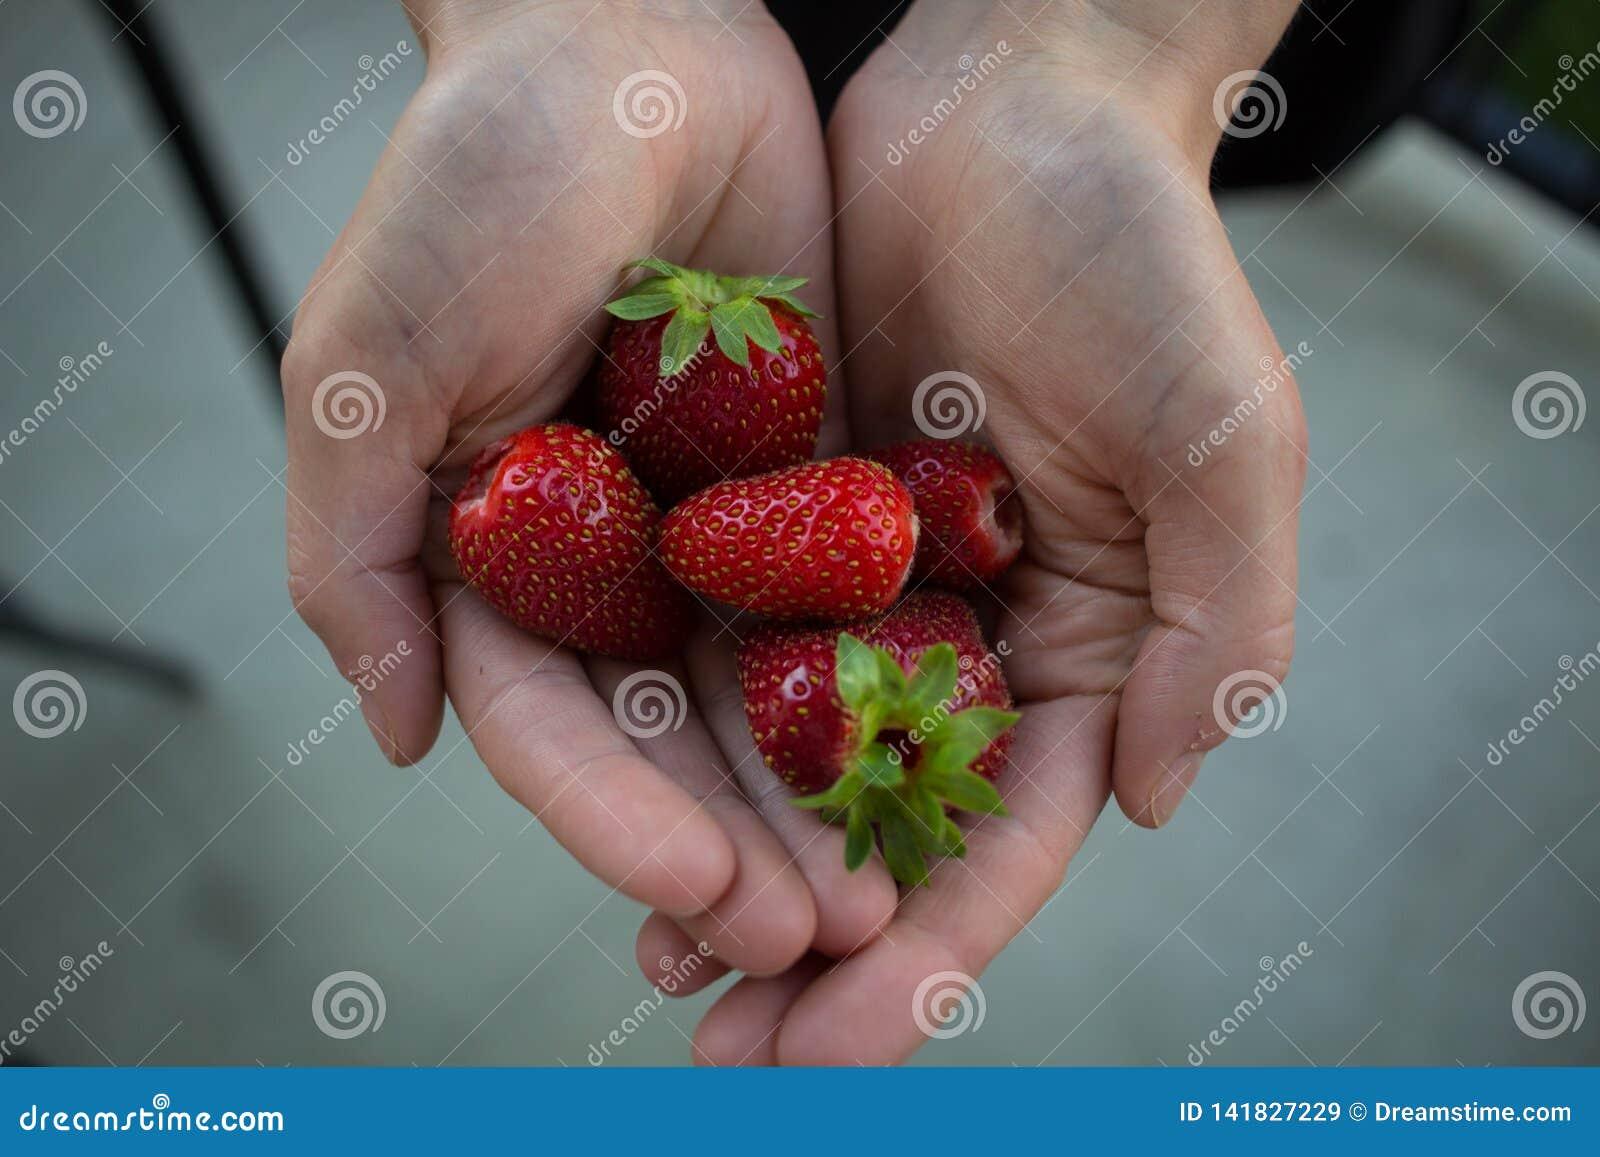 Handvol schone organische aardbeien op een concreet terras